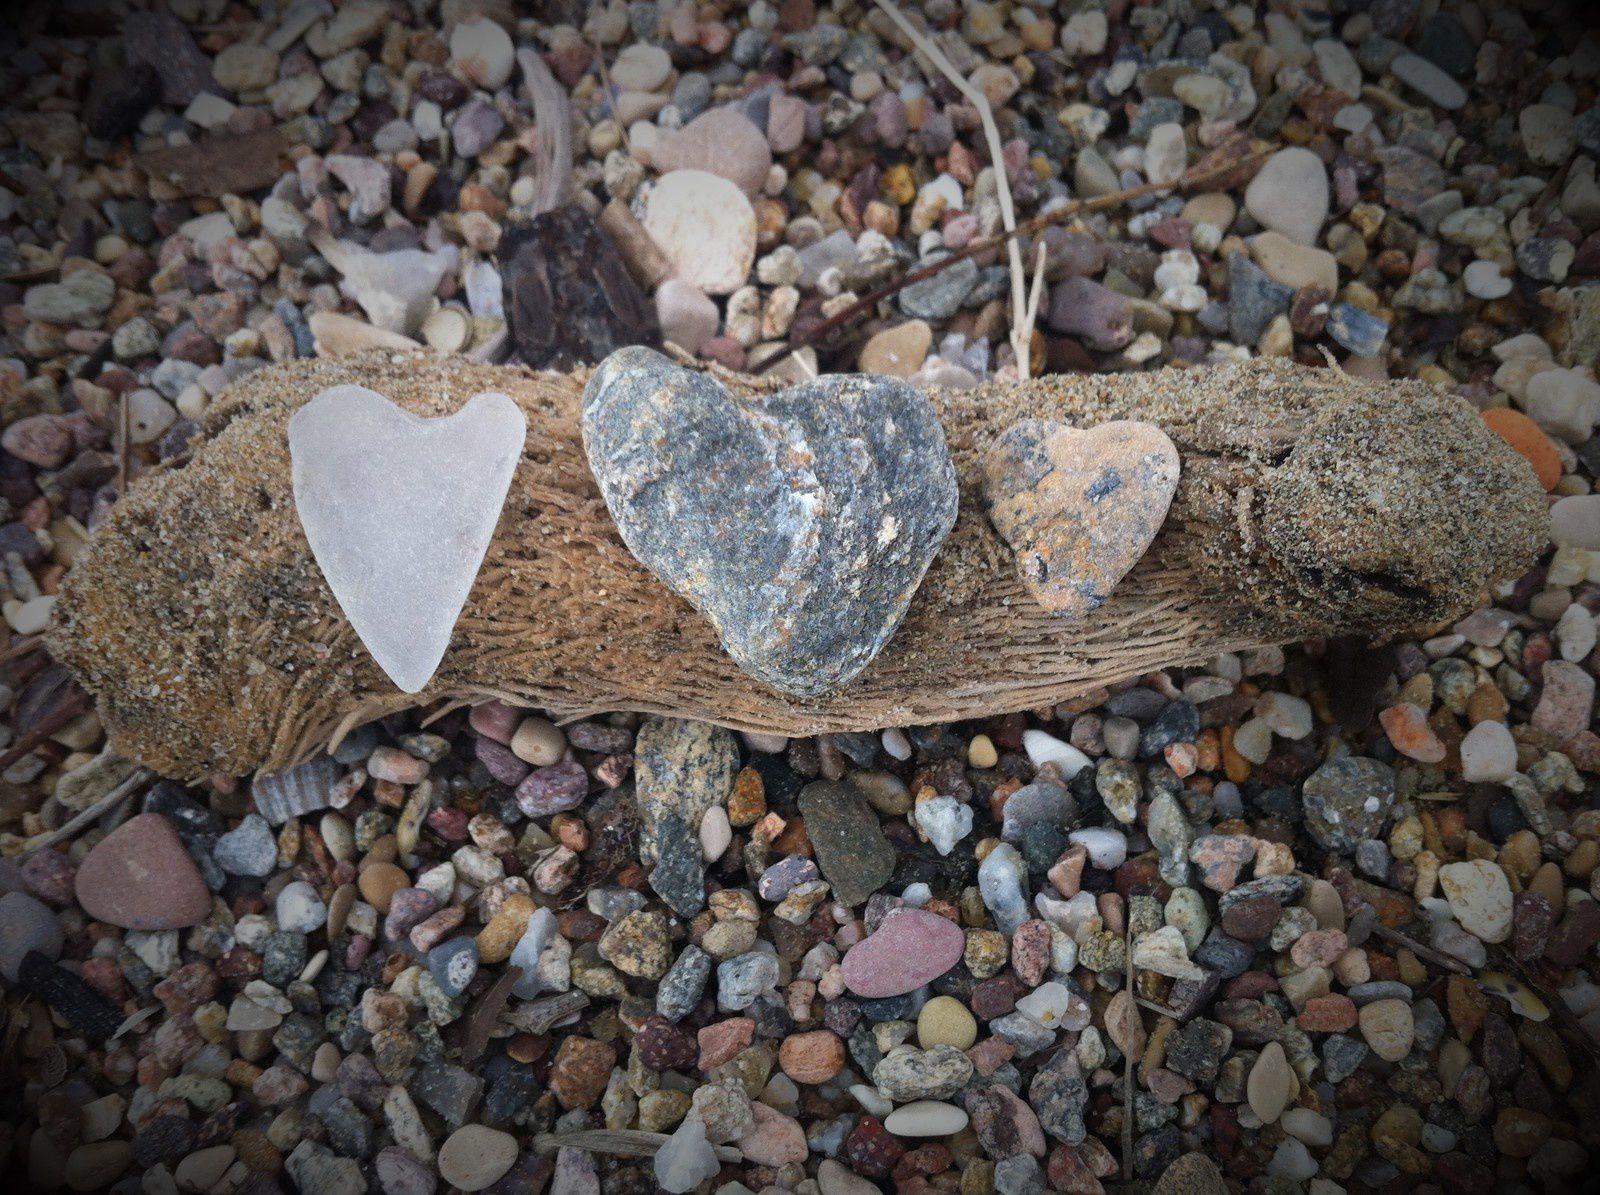 L'amour est dans la nature